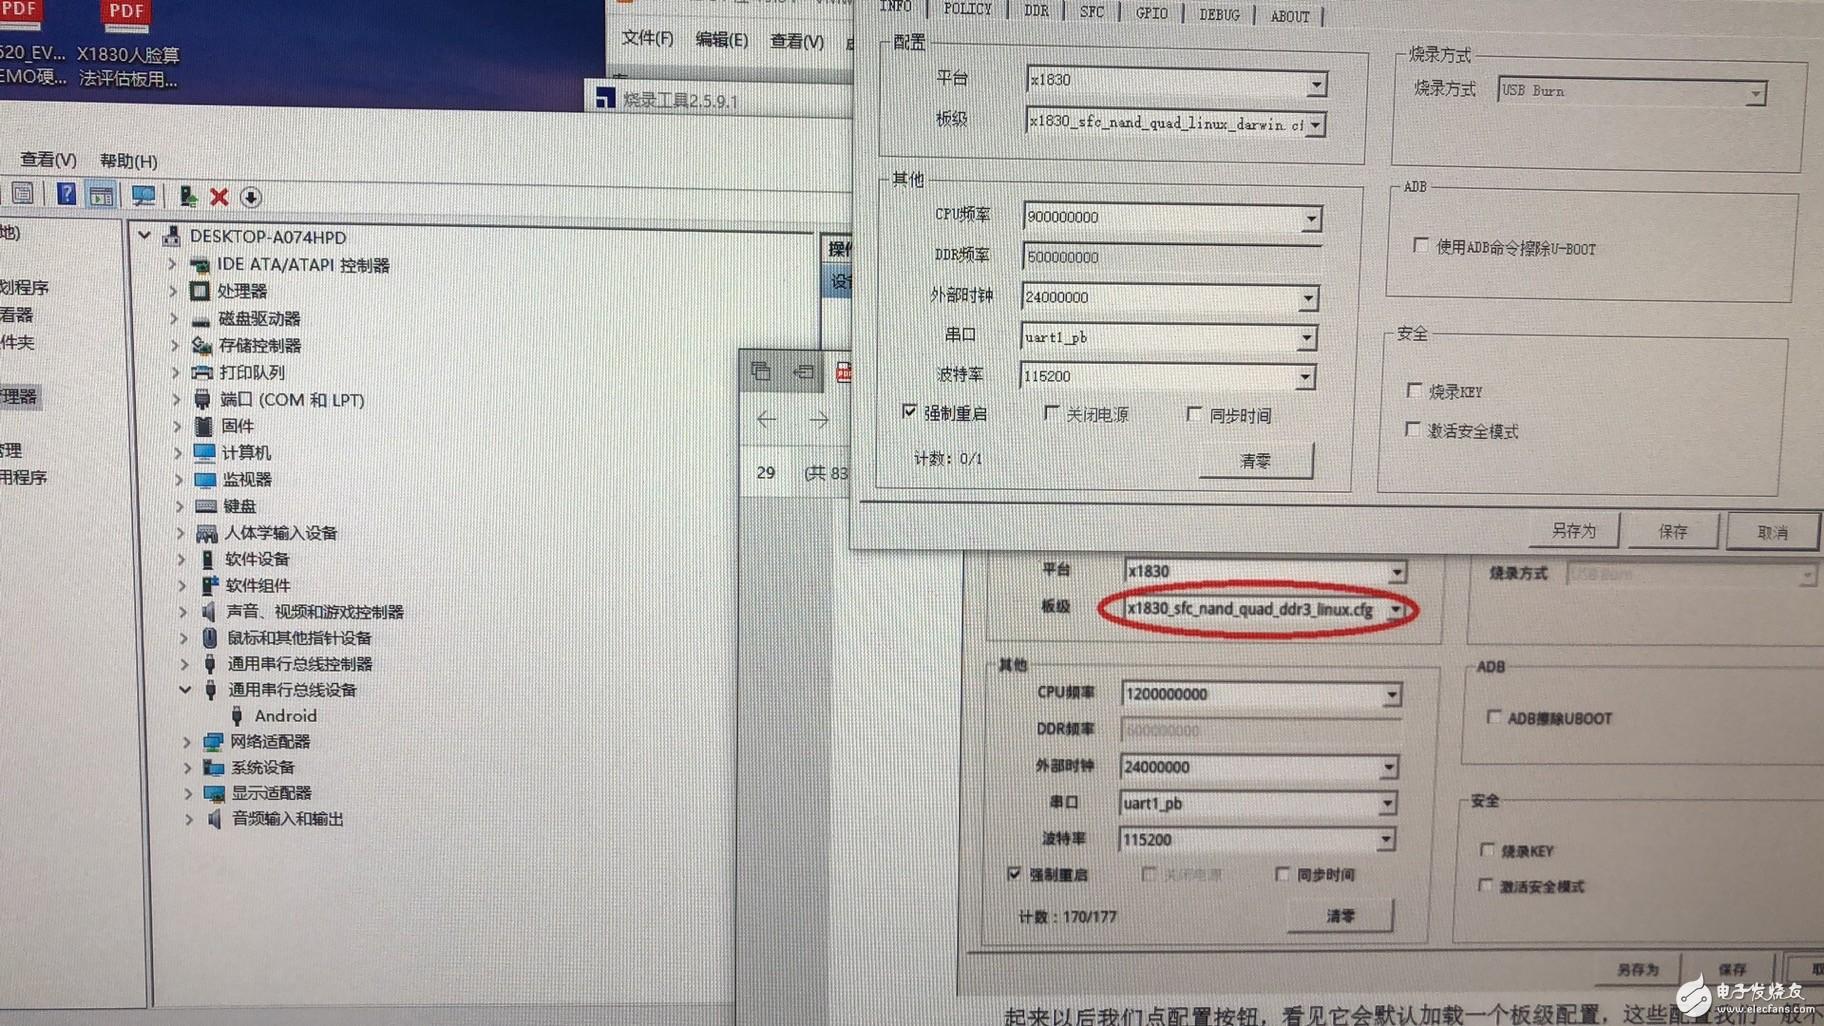 使用君正x1830人臉識別開發板做條碼識別,不能進入燒錄模式?